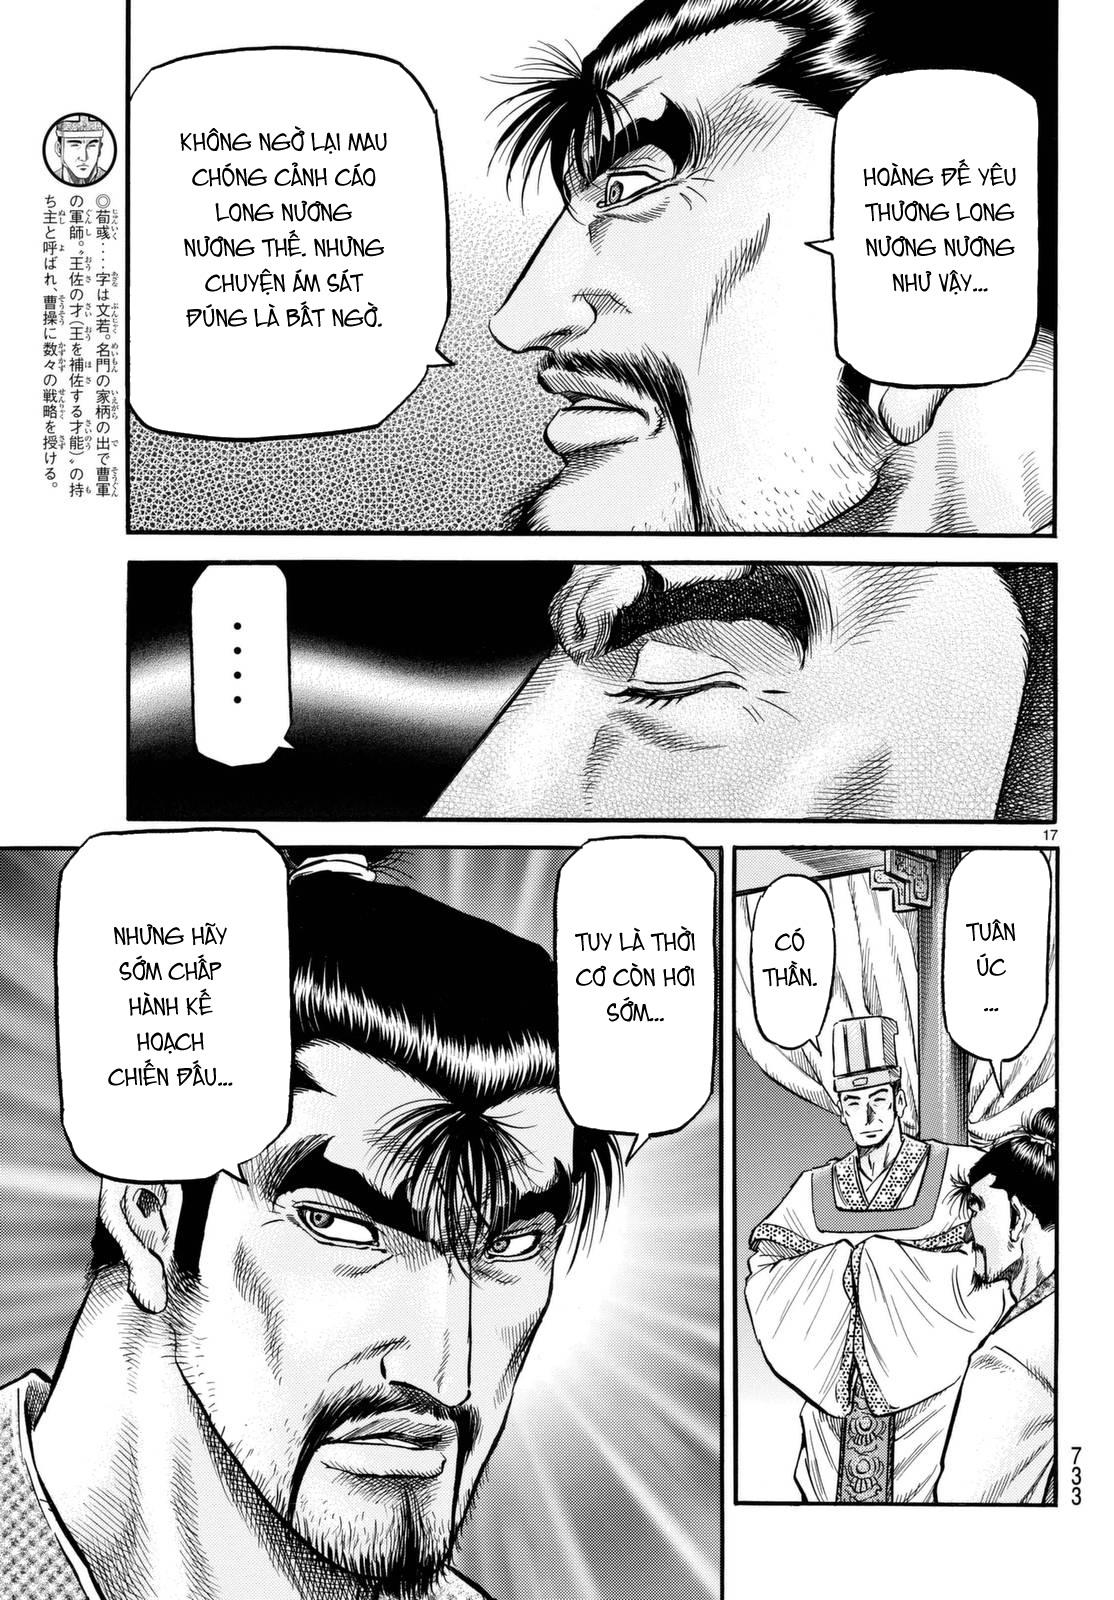 Chú bé rồng-Ryuuroden chap 278.2 Trang 7 - Mangak.info